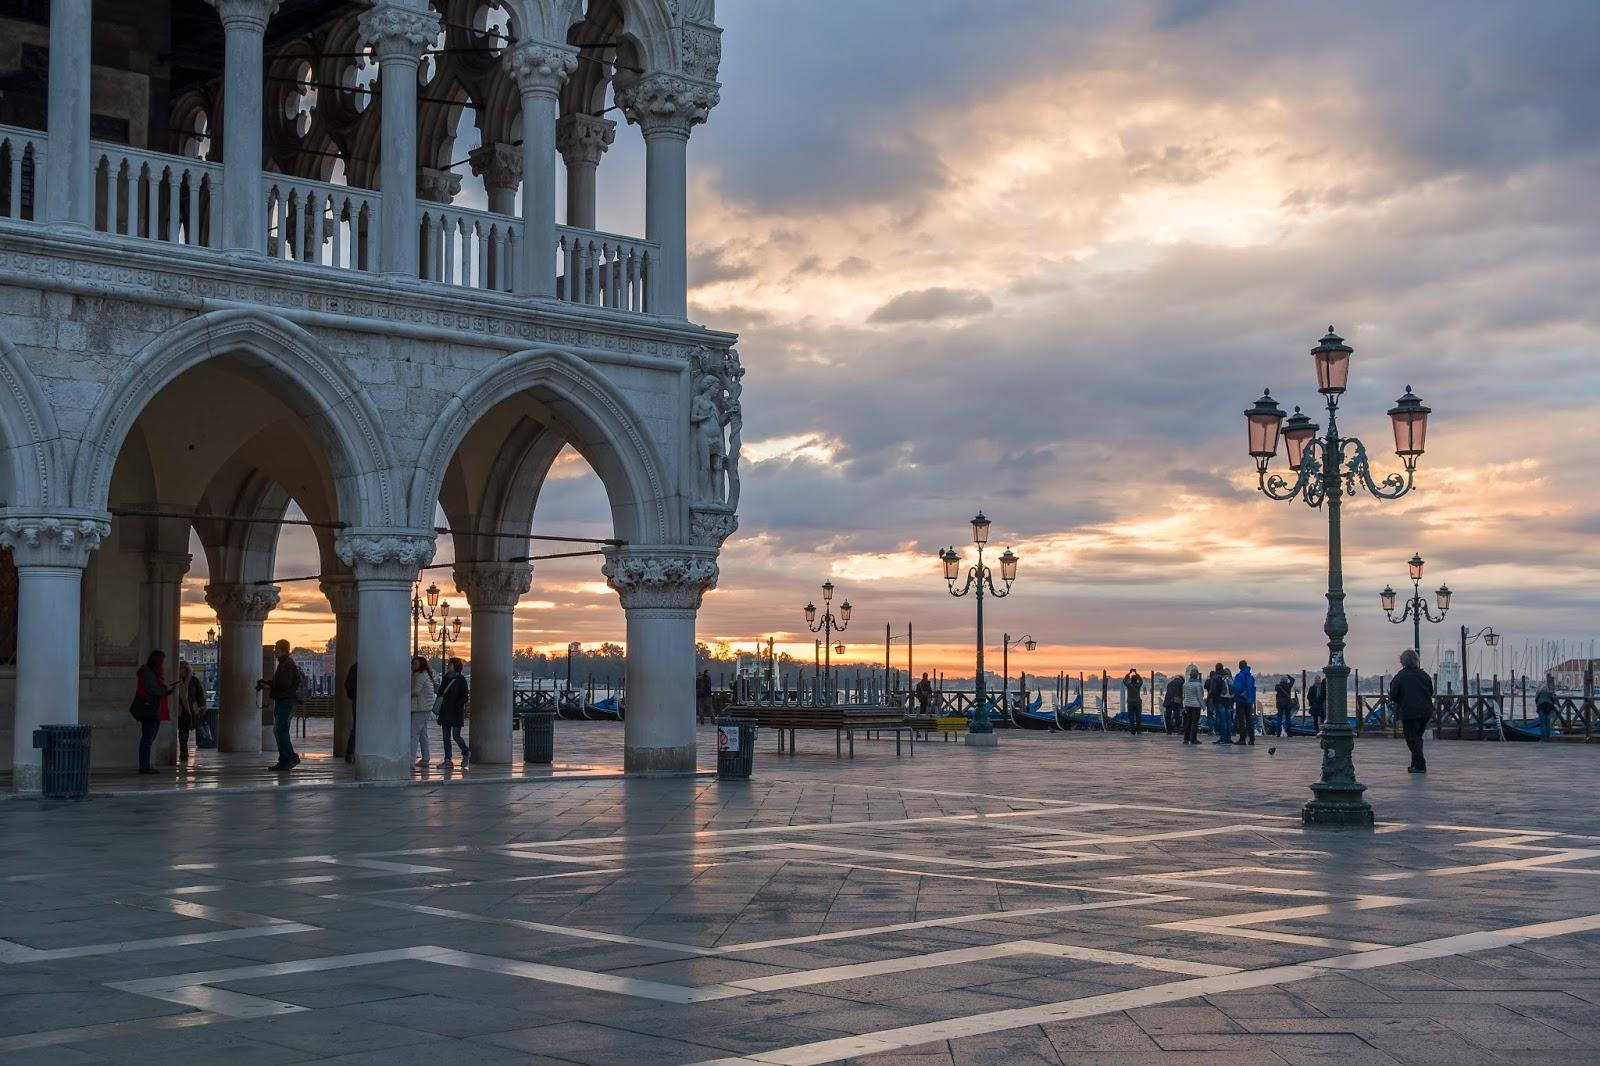 Place San Marco Venise Italie